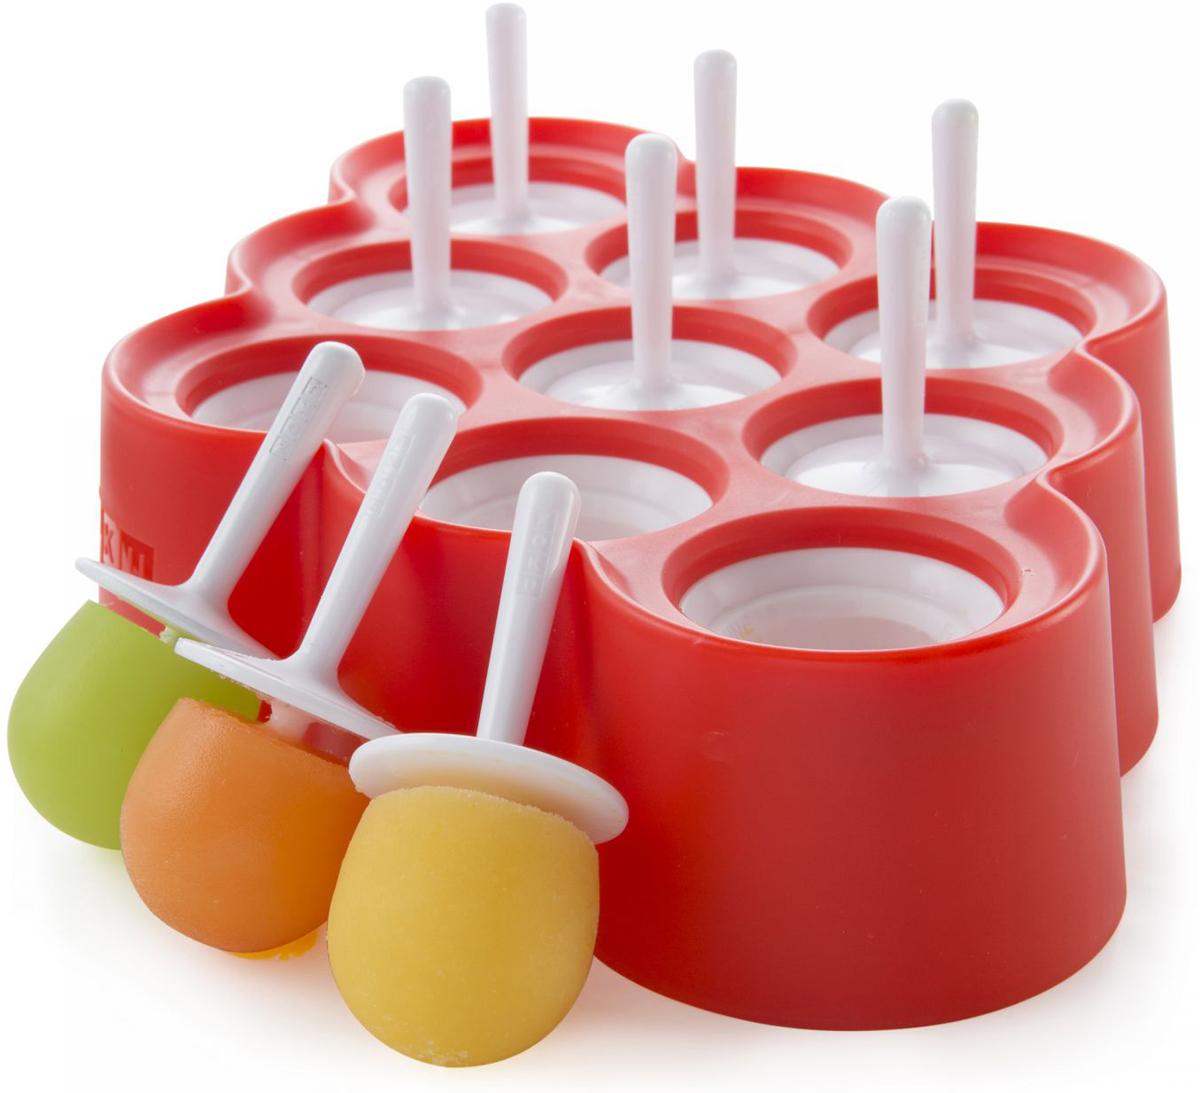 Форма для мороженого Zoku Mini, 9 х 20 мл. ZK115ZK115С компактной и удобной формой Mini приготовить домашний фруктовый лед стало еще проще! Порадуйте своих близких и друзей оригинальными десертами на палочке. Используйте натуральные соки и смузи с кусочками фруктов, добавляйте мед и ягоды, экспериментируйте и вовлекайте в этот процесс всю семью.Для приготовления мороженого залейте охлажденный сок в формы и оставьте в морозильной камере на шесть и более часов. Когда продукт готов, просто вытащите палочку и наслаждайтесь натуральным мороженым. Объем одной формы - 20 мл. Не содержит вредных примесей и бисфенола-А. Моется вручную.